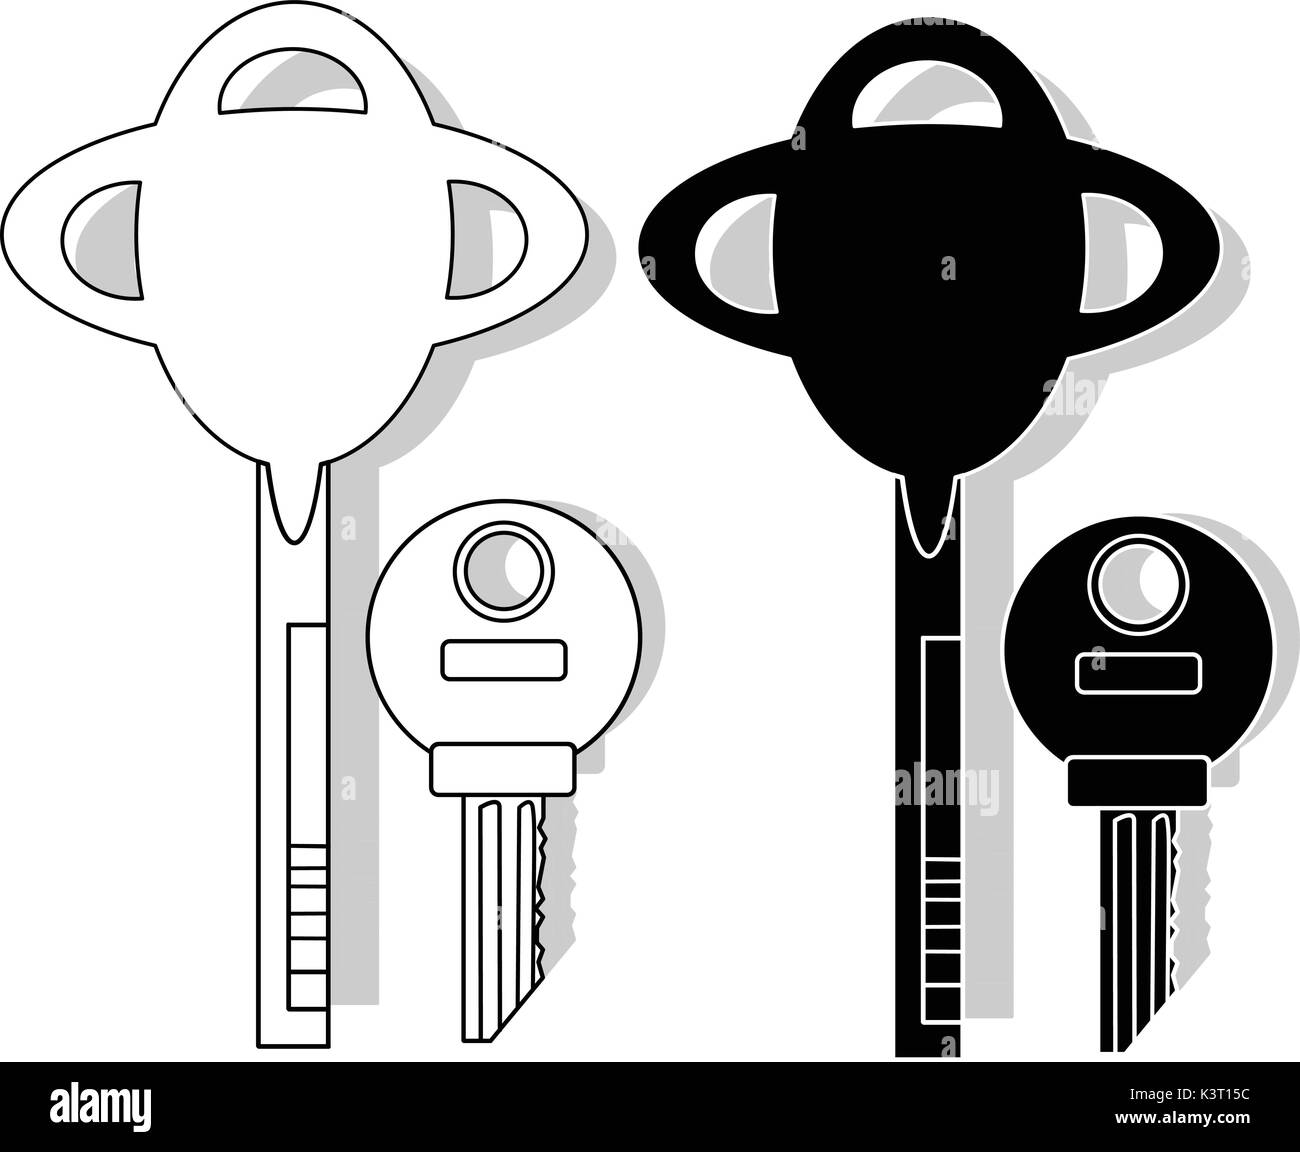 Key isolated illustration set - Stock Image